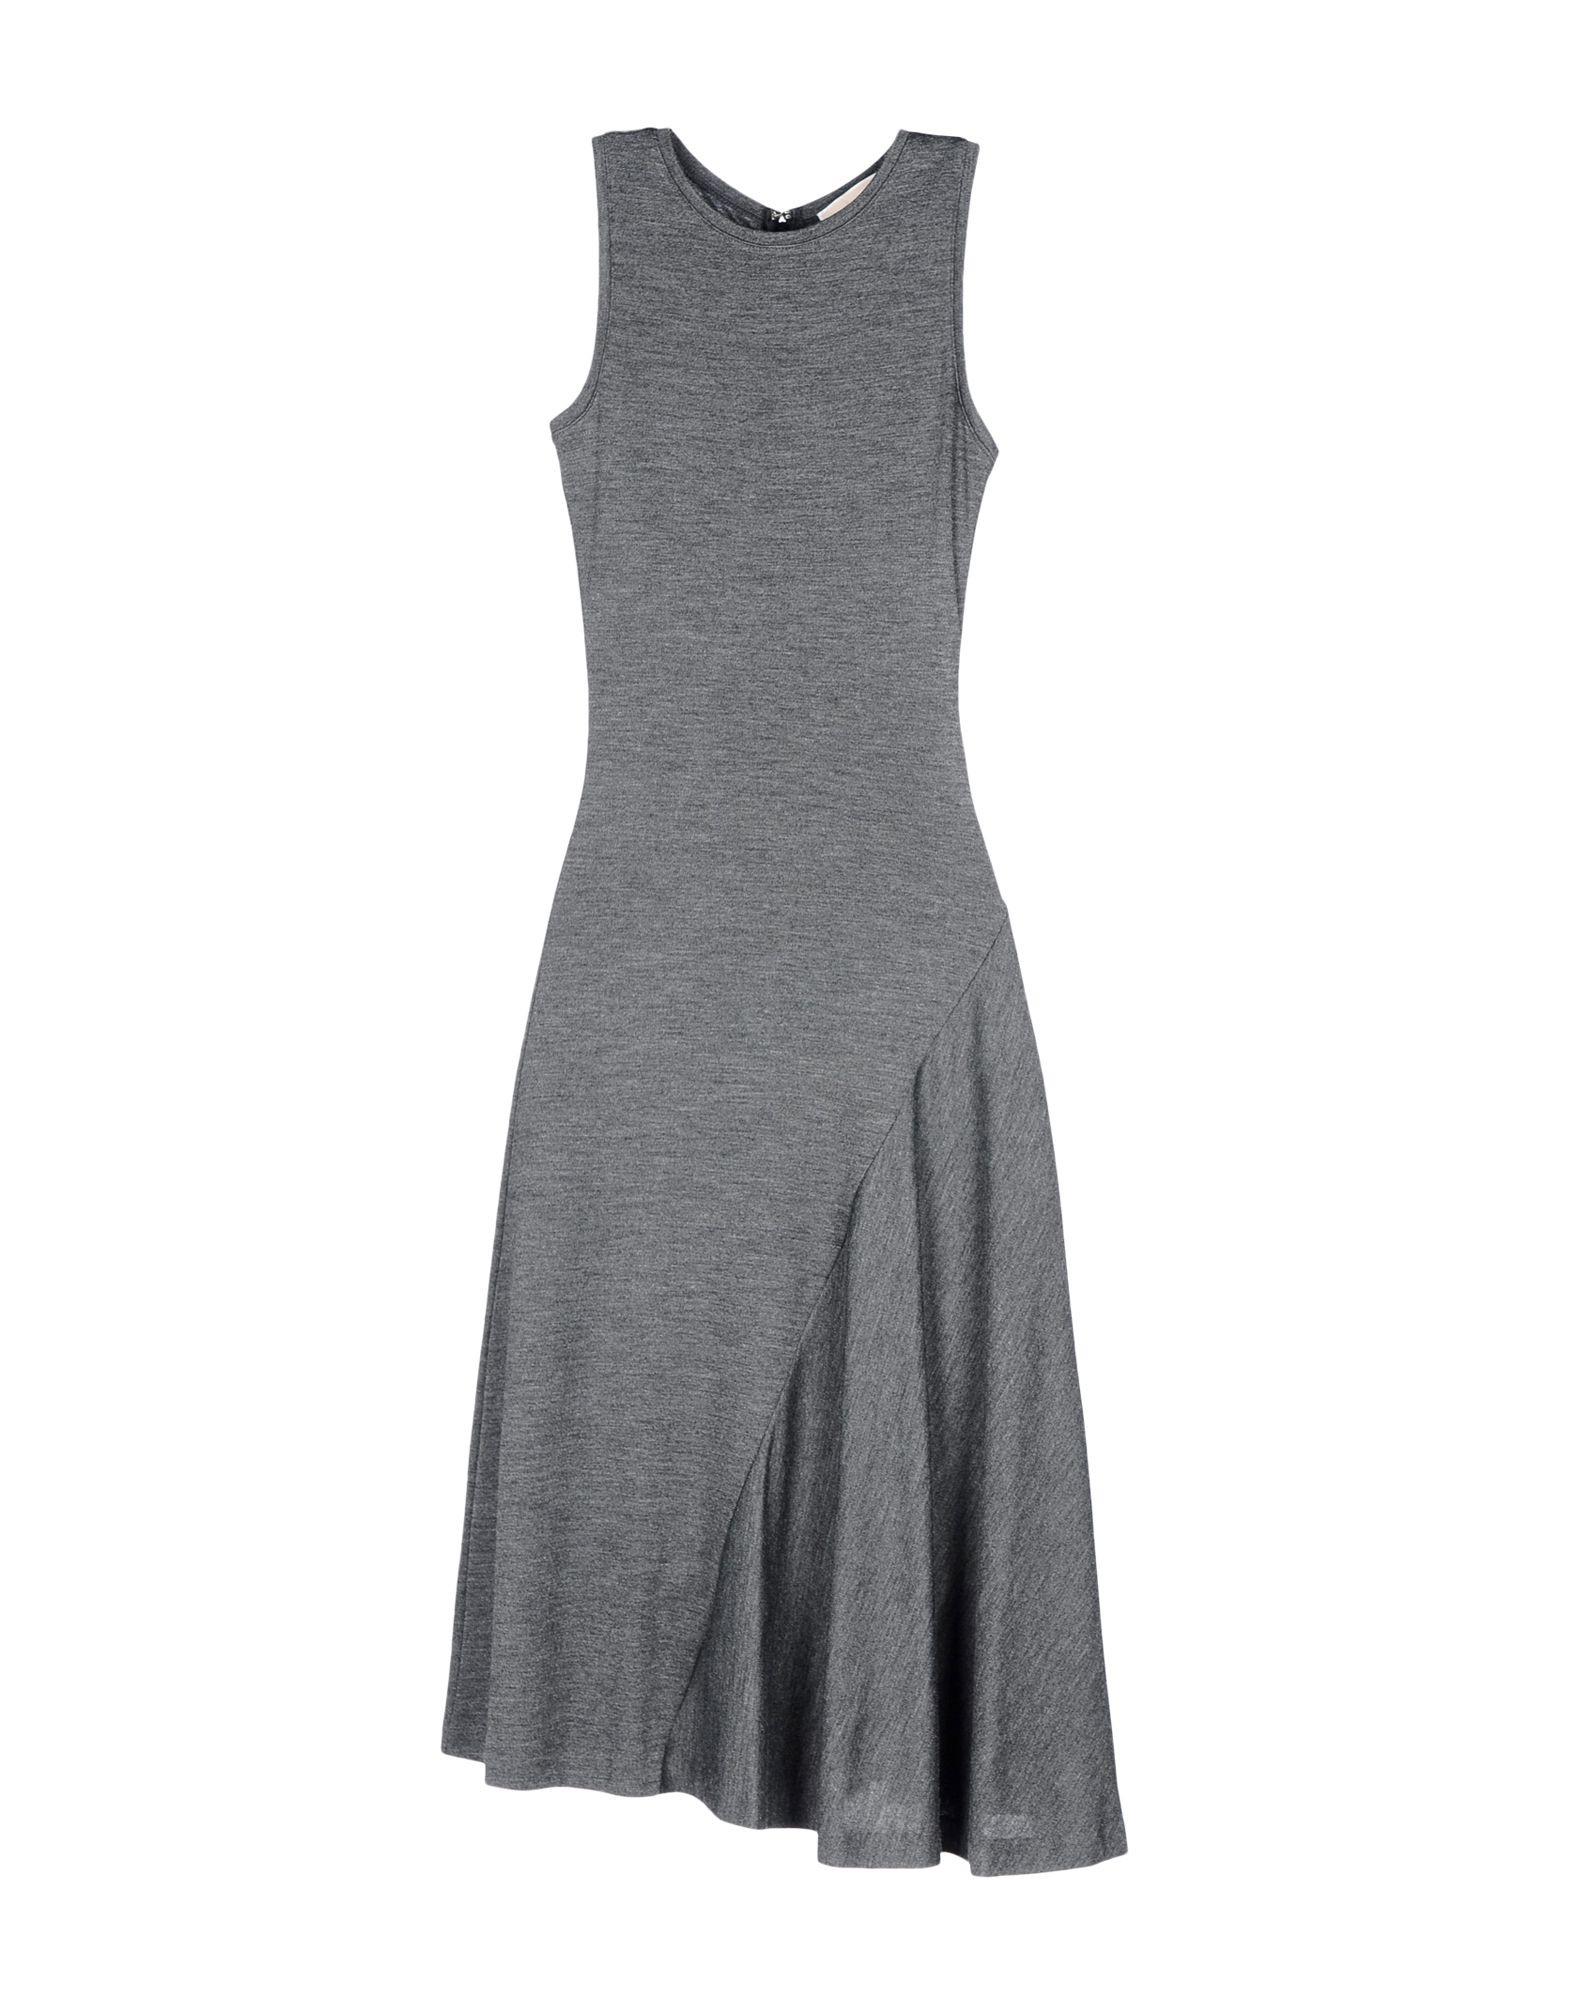 17 Luxus Damen Kleider Midi Spezialgebiet20 Spektakulär Damen Kleider Midi Ärmel